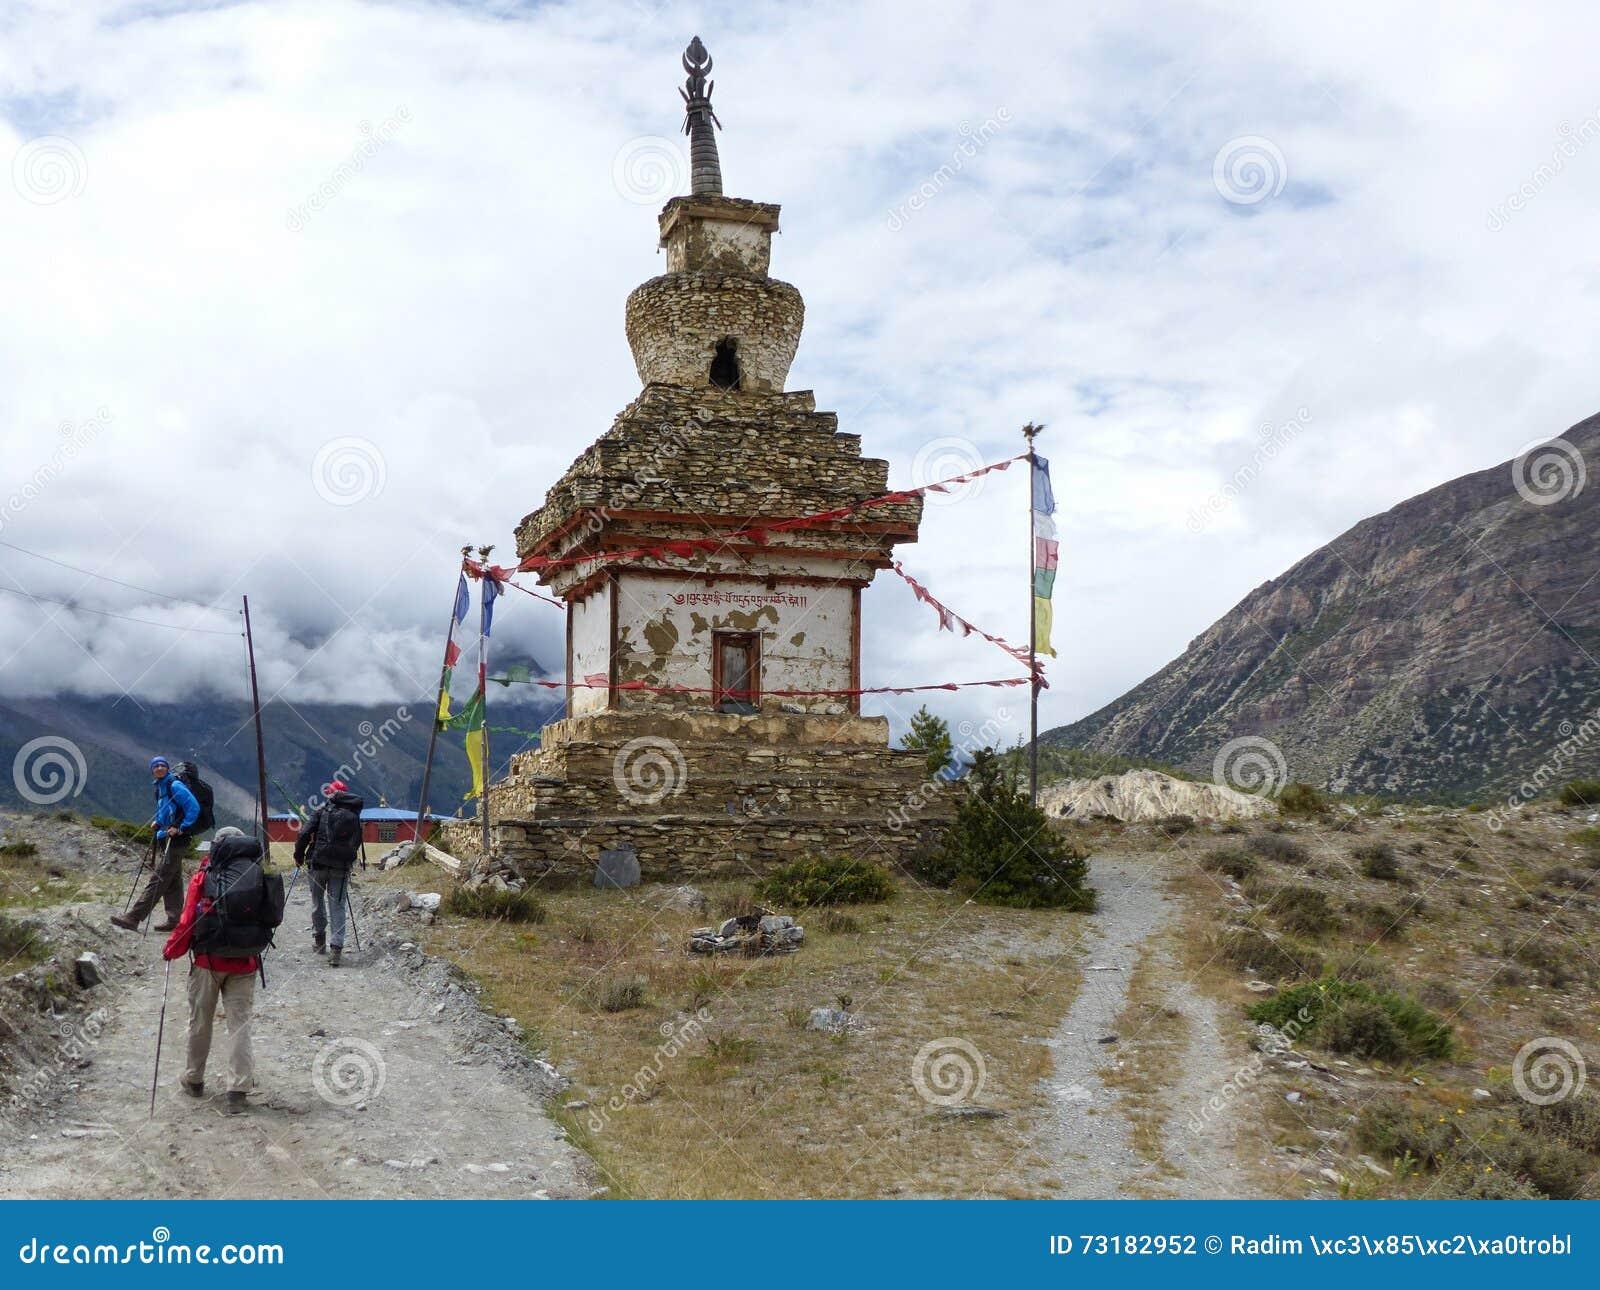 Old Stony Stupa